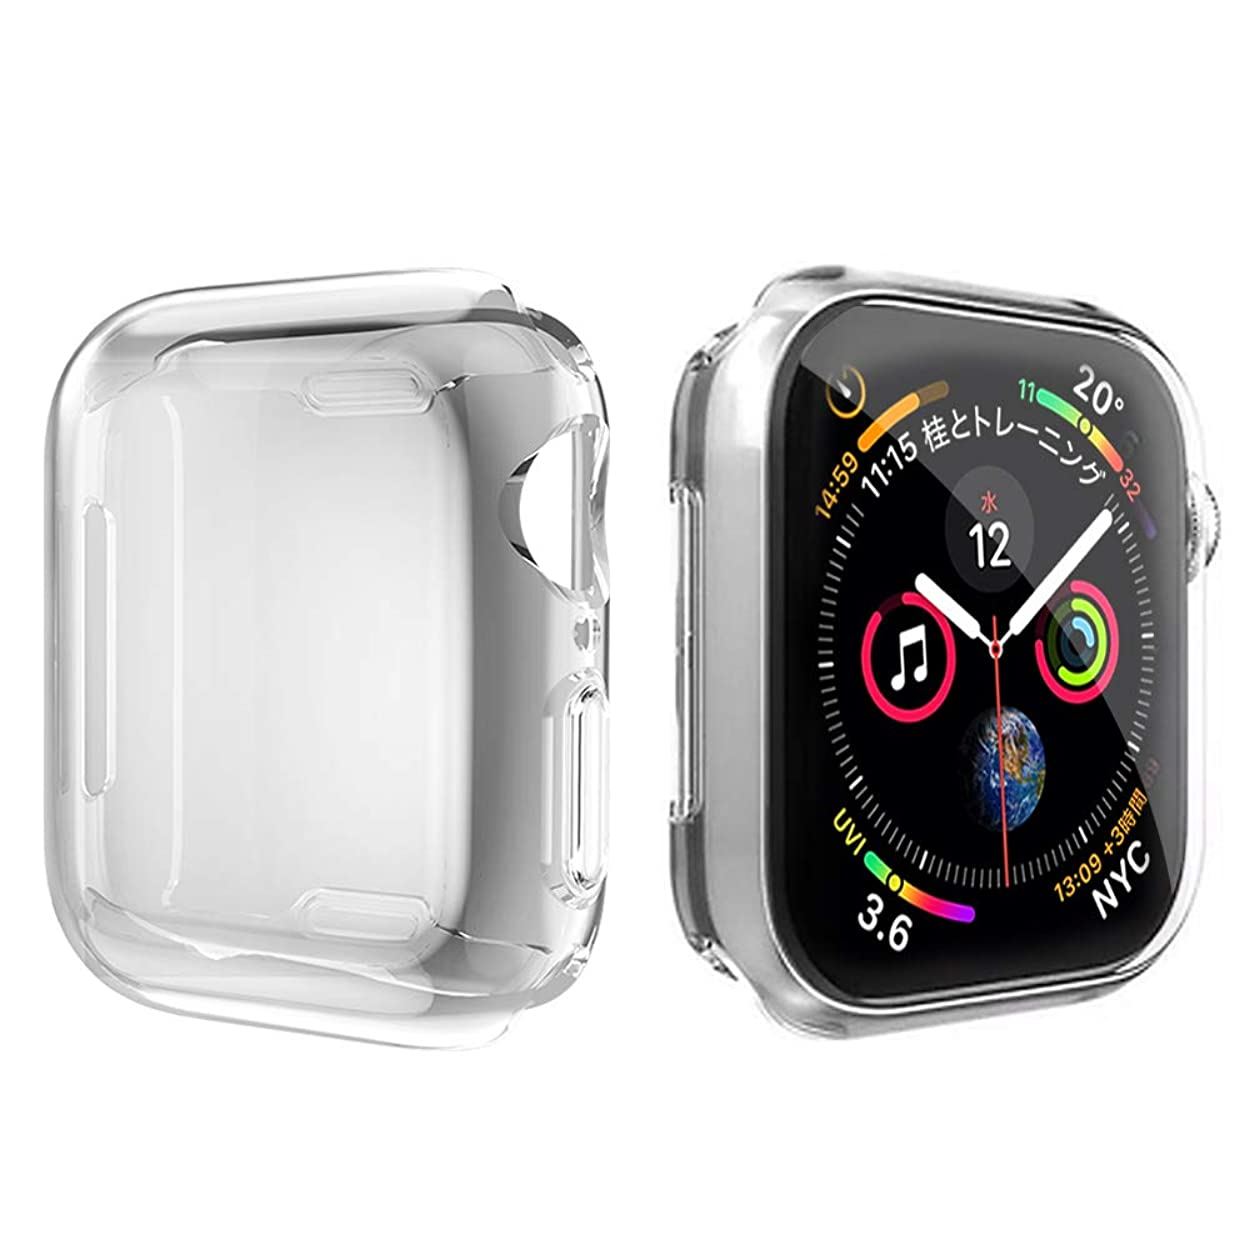 クリープペック失態Movone for Apple Watch Series 5/4 カバー 40mm Apple Watch フルケース TPU素材 メーキ加工 全面保護 アップルウォッチ カバー Apple Watch フィルム 高感度 耐衝撃性 軽量超簿 装着簡単 Apple Watch Series 5/4に対応 (40mm/クリア)